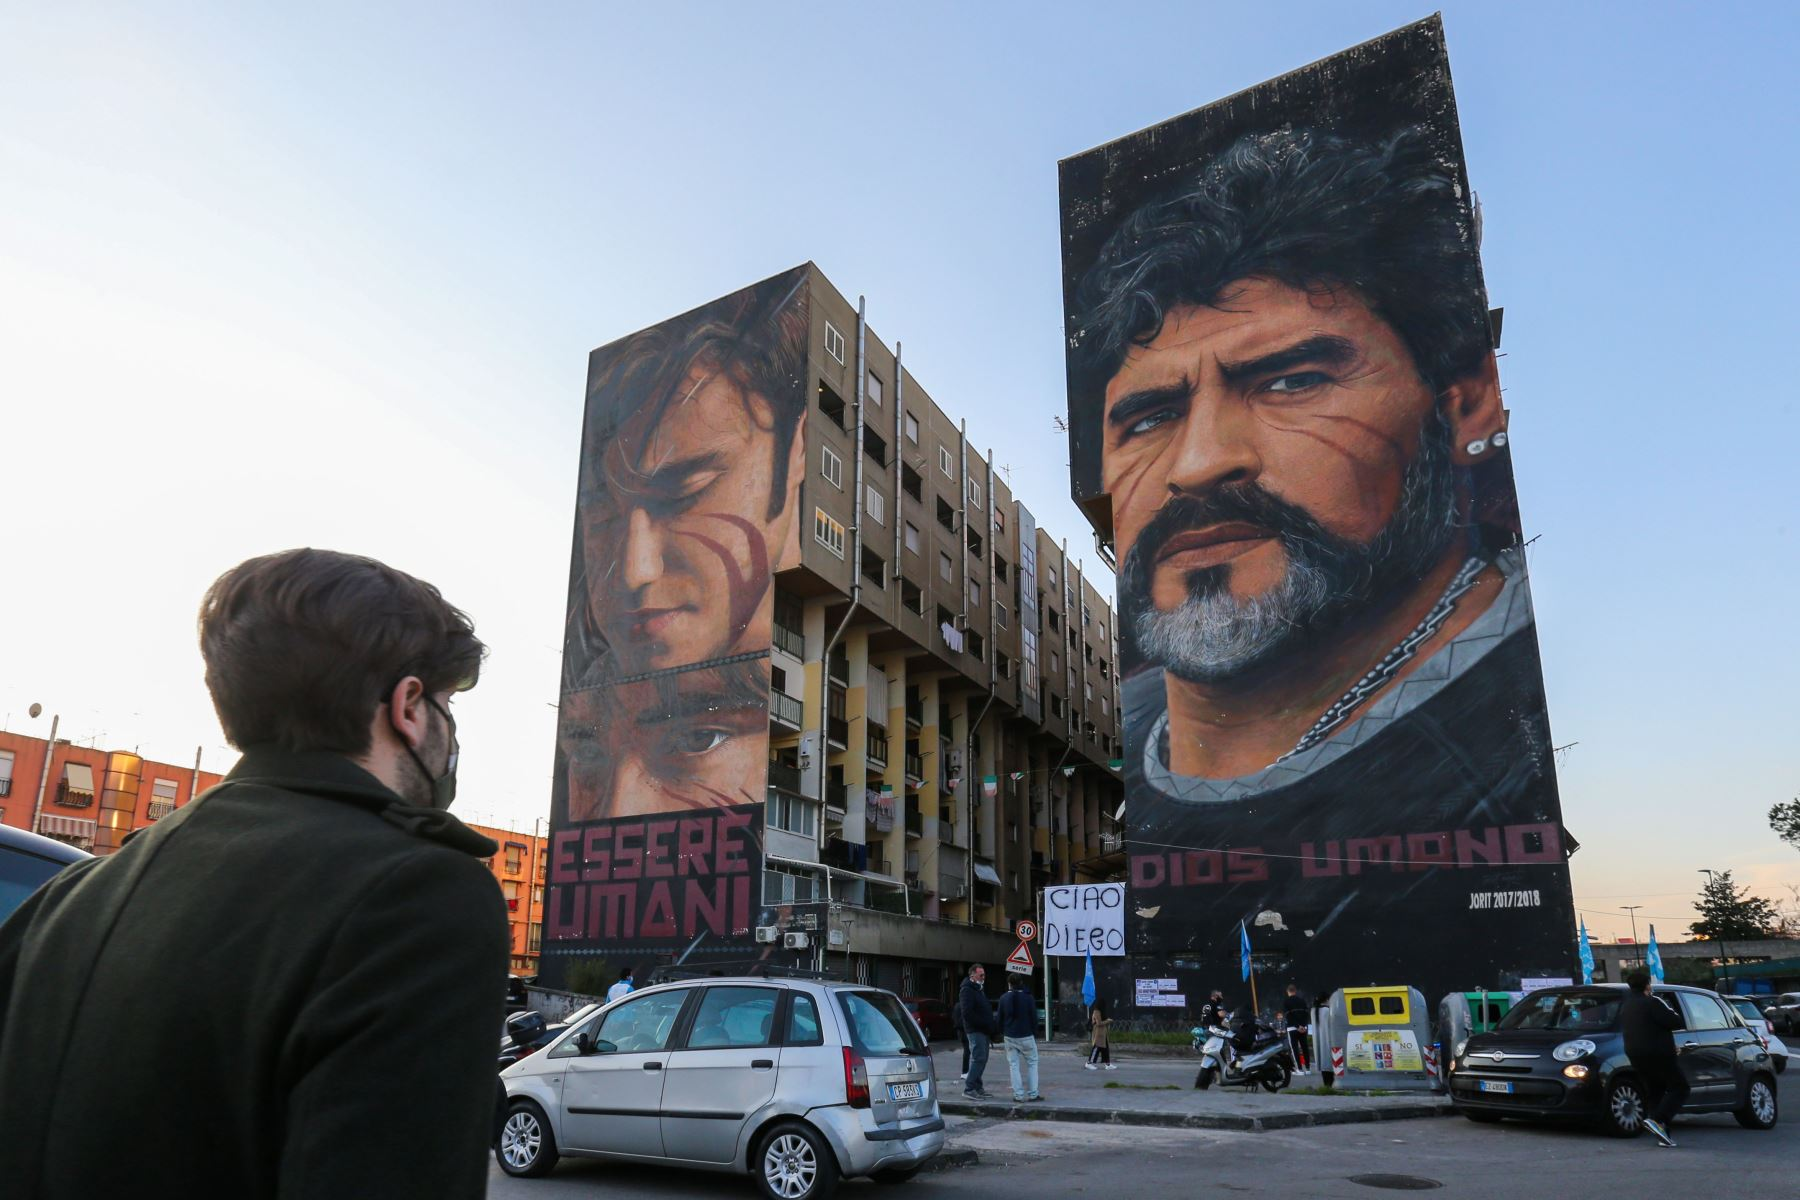 """La gente se reúne al pie de un mural de la leyenda del fútbol argentino Diego Maradona  en Nápoles, sur de Italia, para llorar su muerte. Maradona, ampliamente recordado por su gol """"Mano de Dios"""" contra Inglaterra en los cuartos de final del Mundial de 1986. Foto: AFP"""